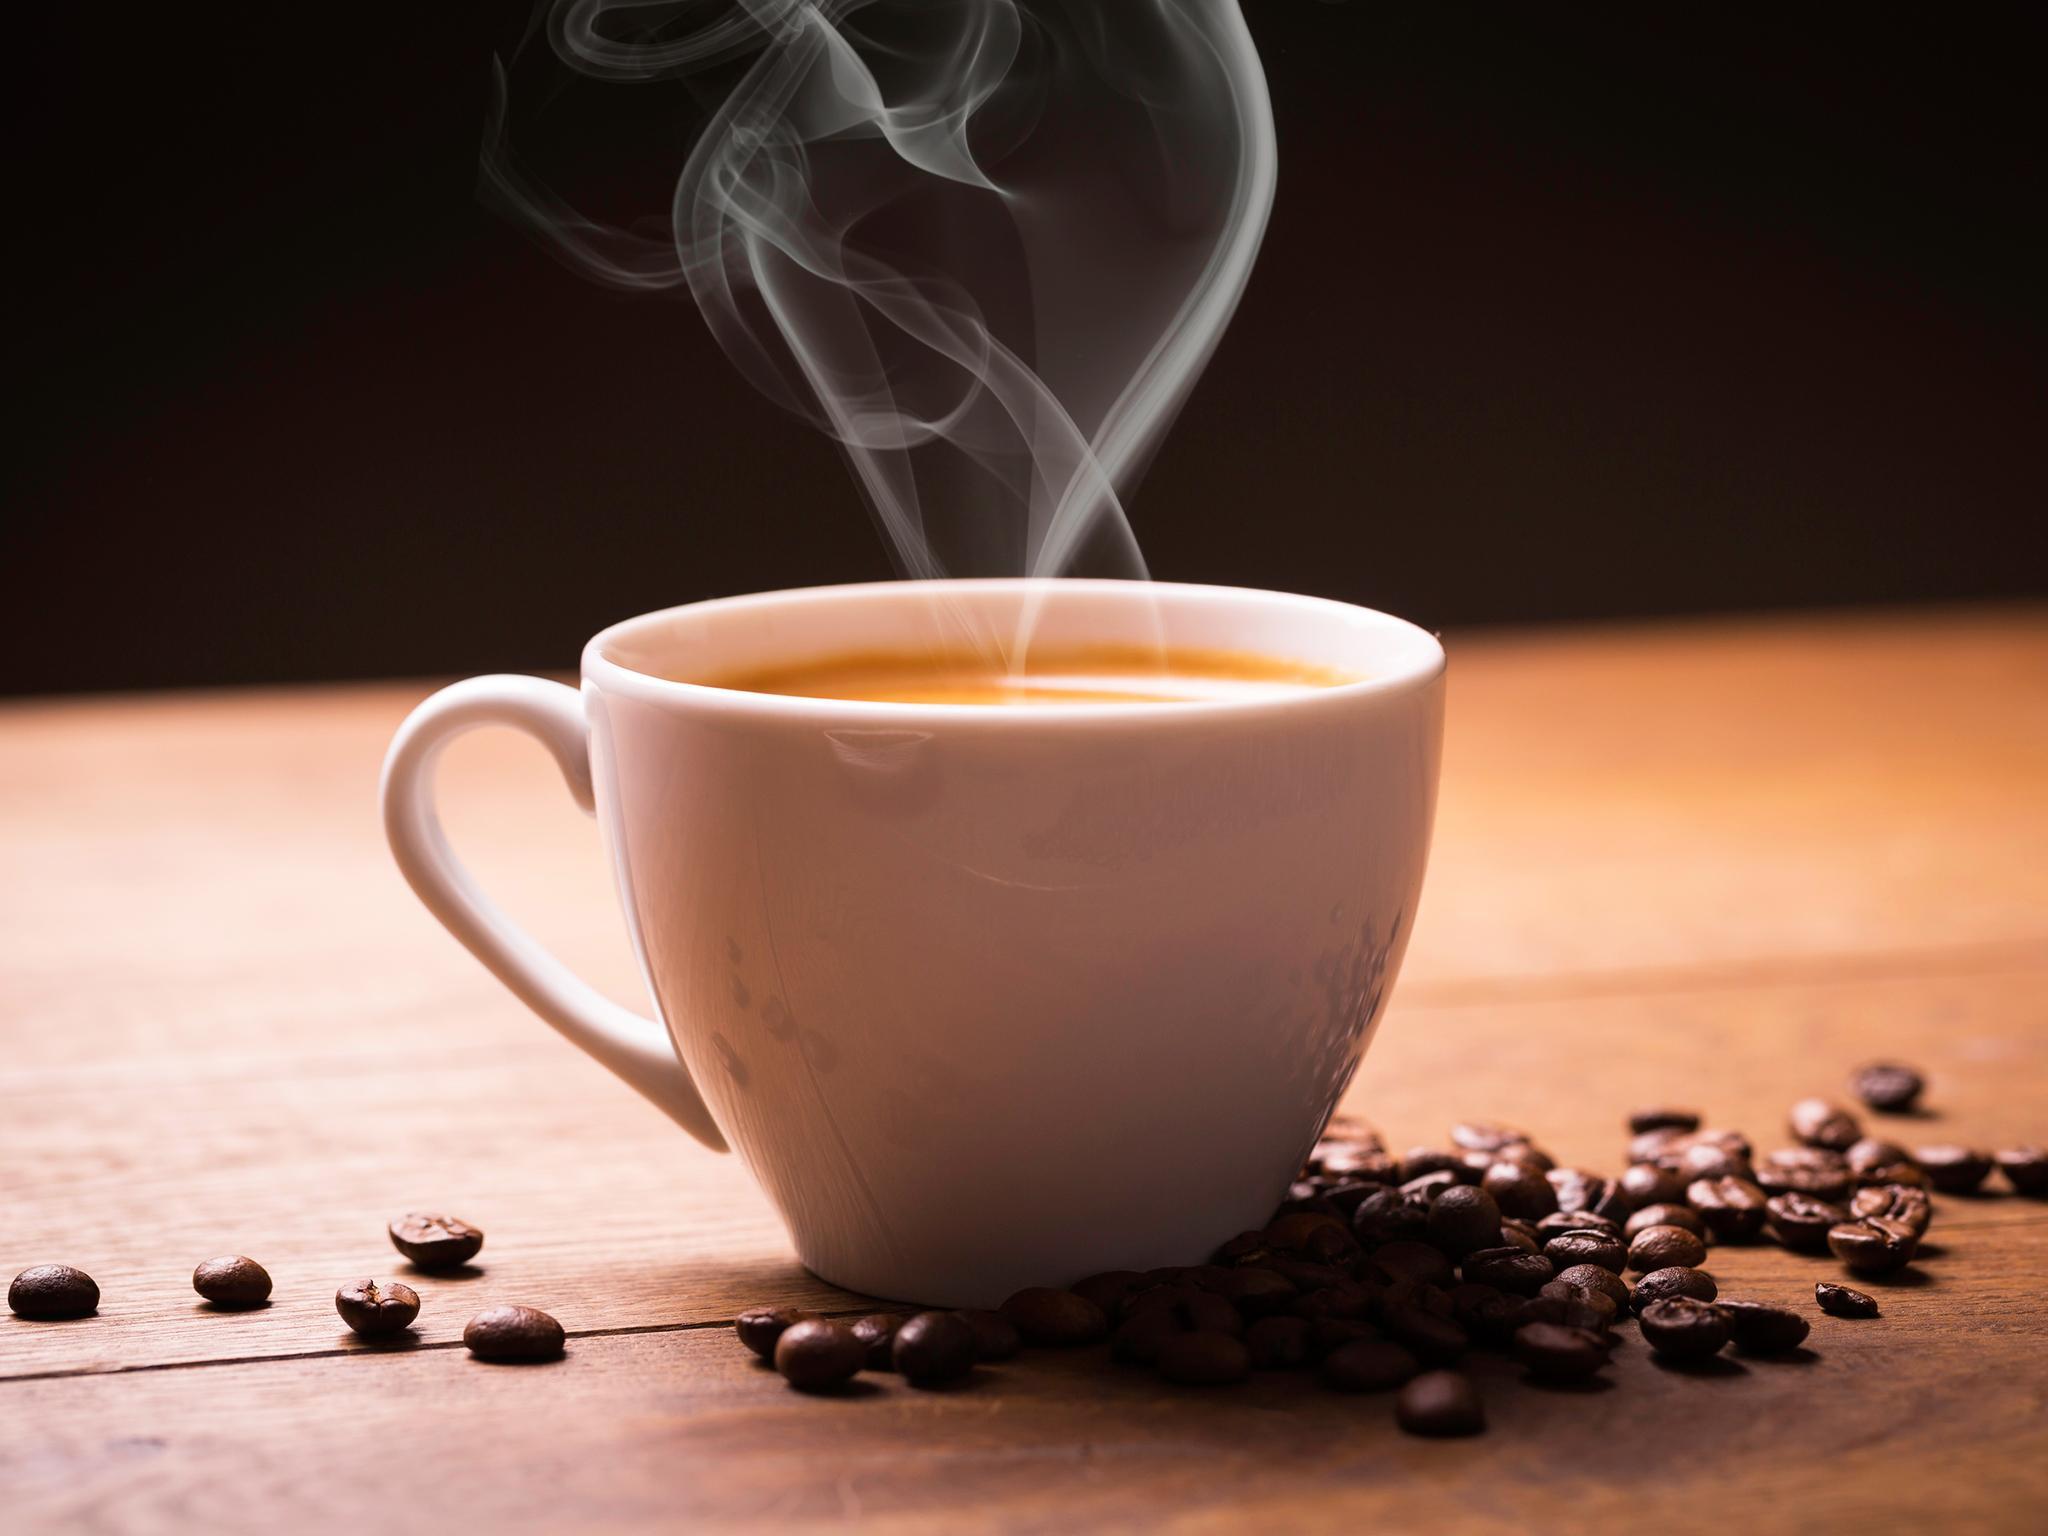 Эрдэмтэд 08-09 цагт кофе уухгүй байхыг зөвлөжээ